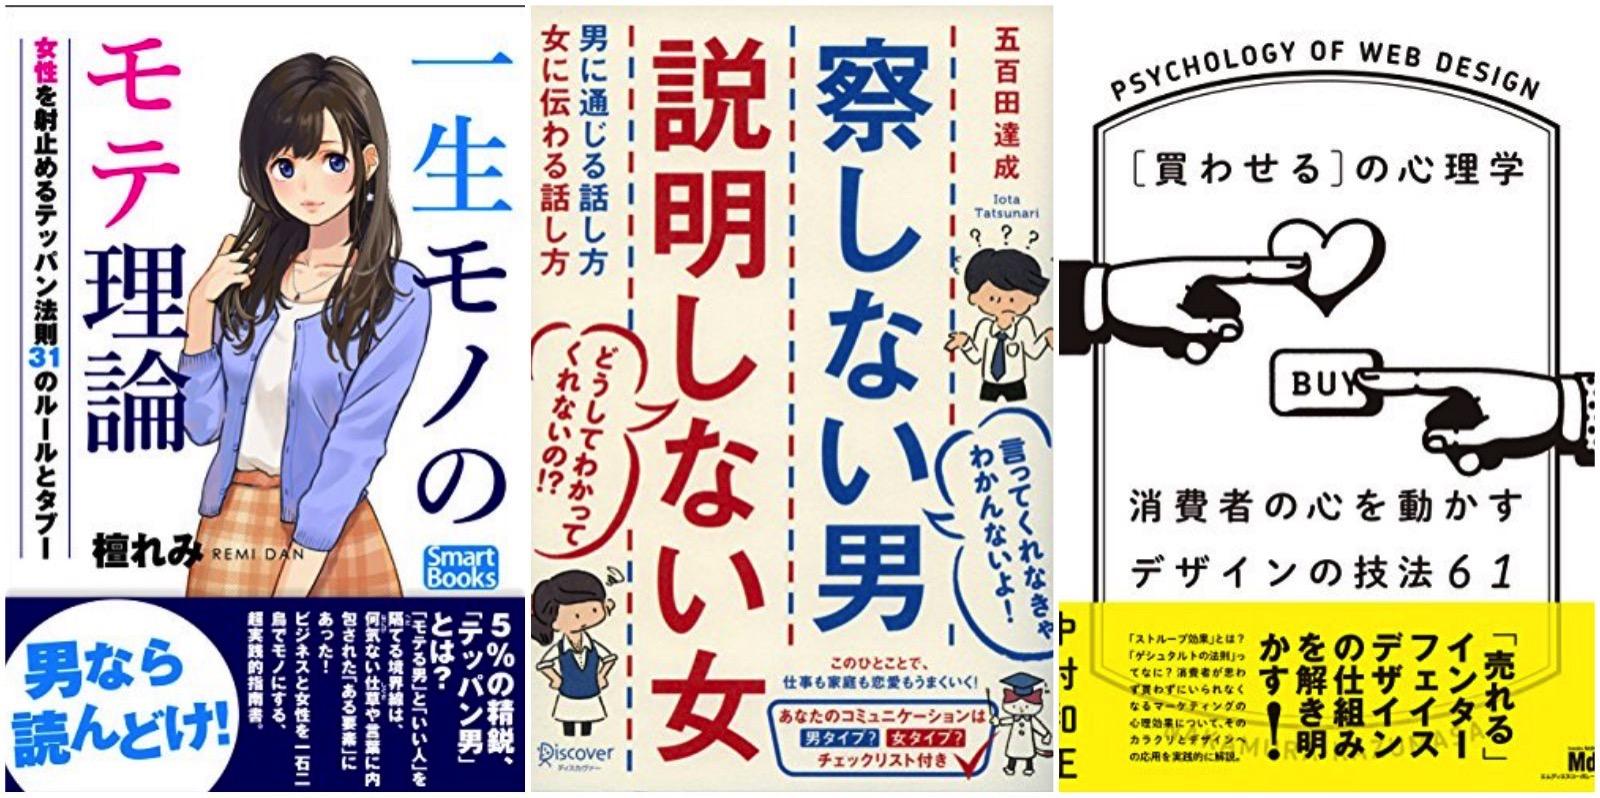 Business-book-fair.jpg